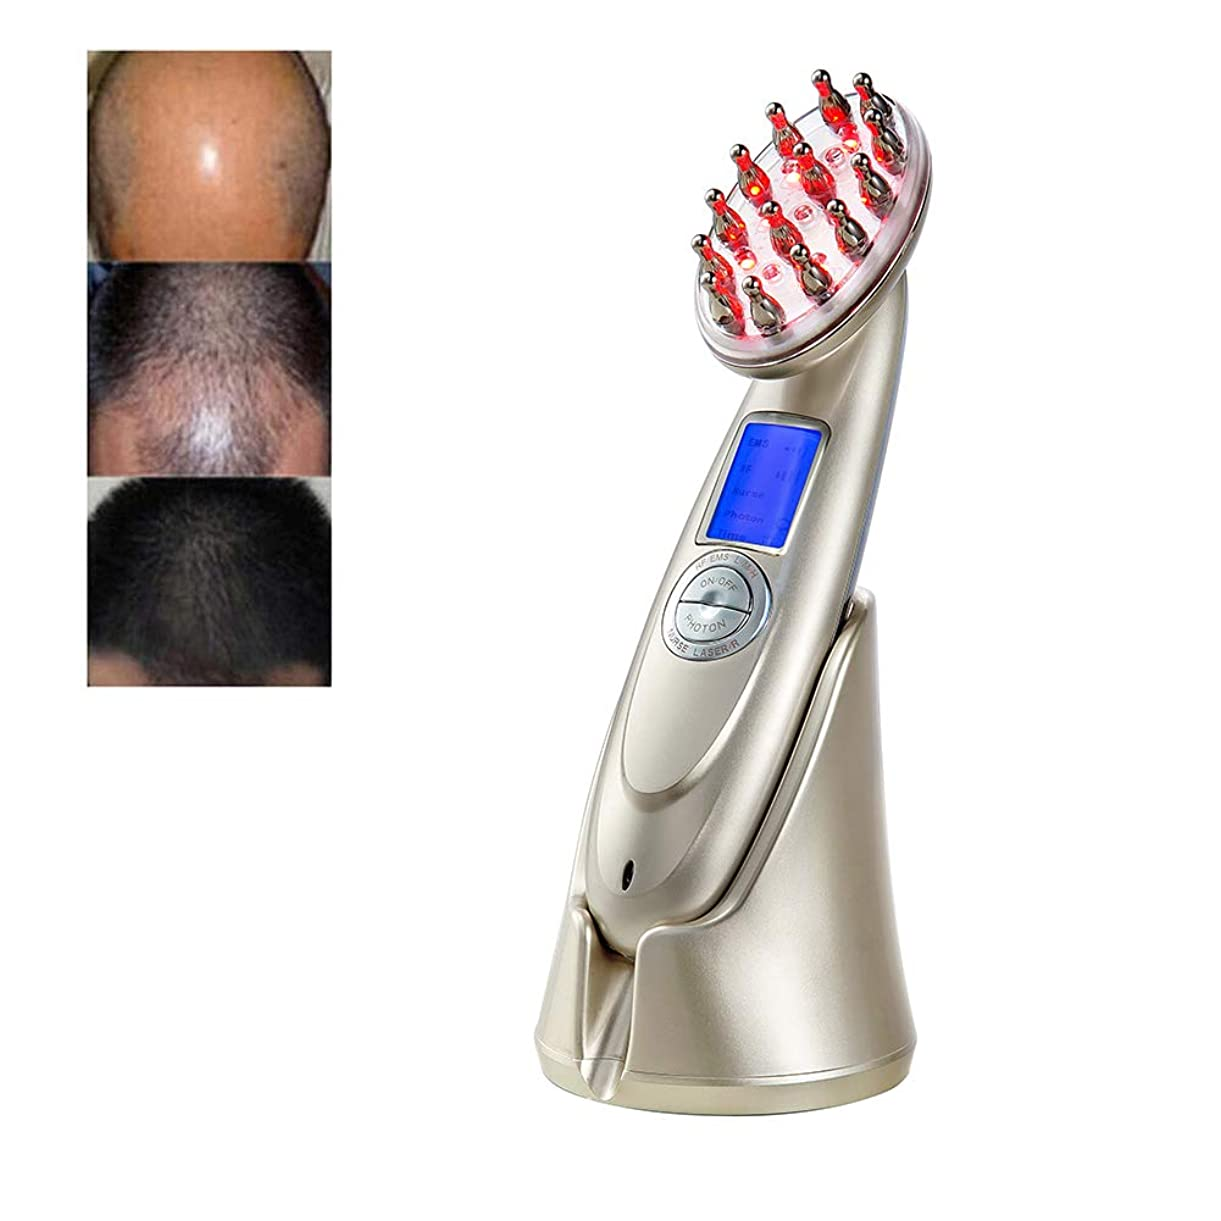 時刻表ソーダ水肘抗脱毛櫛 RF EMS ナース LED 光子レーザー刺激発毛ブラシヘッド頭皮修復ヘアマッサージ美容くし